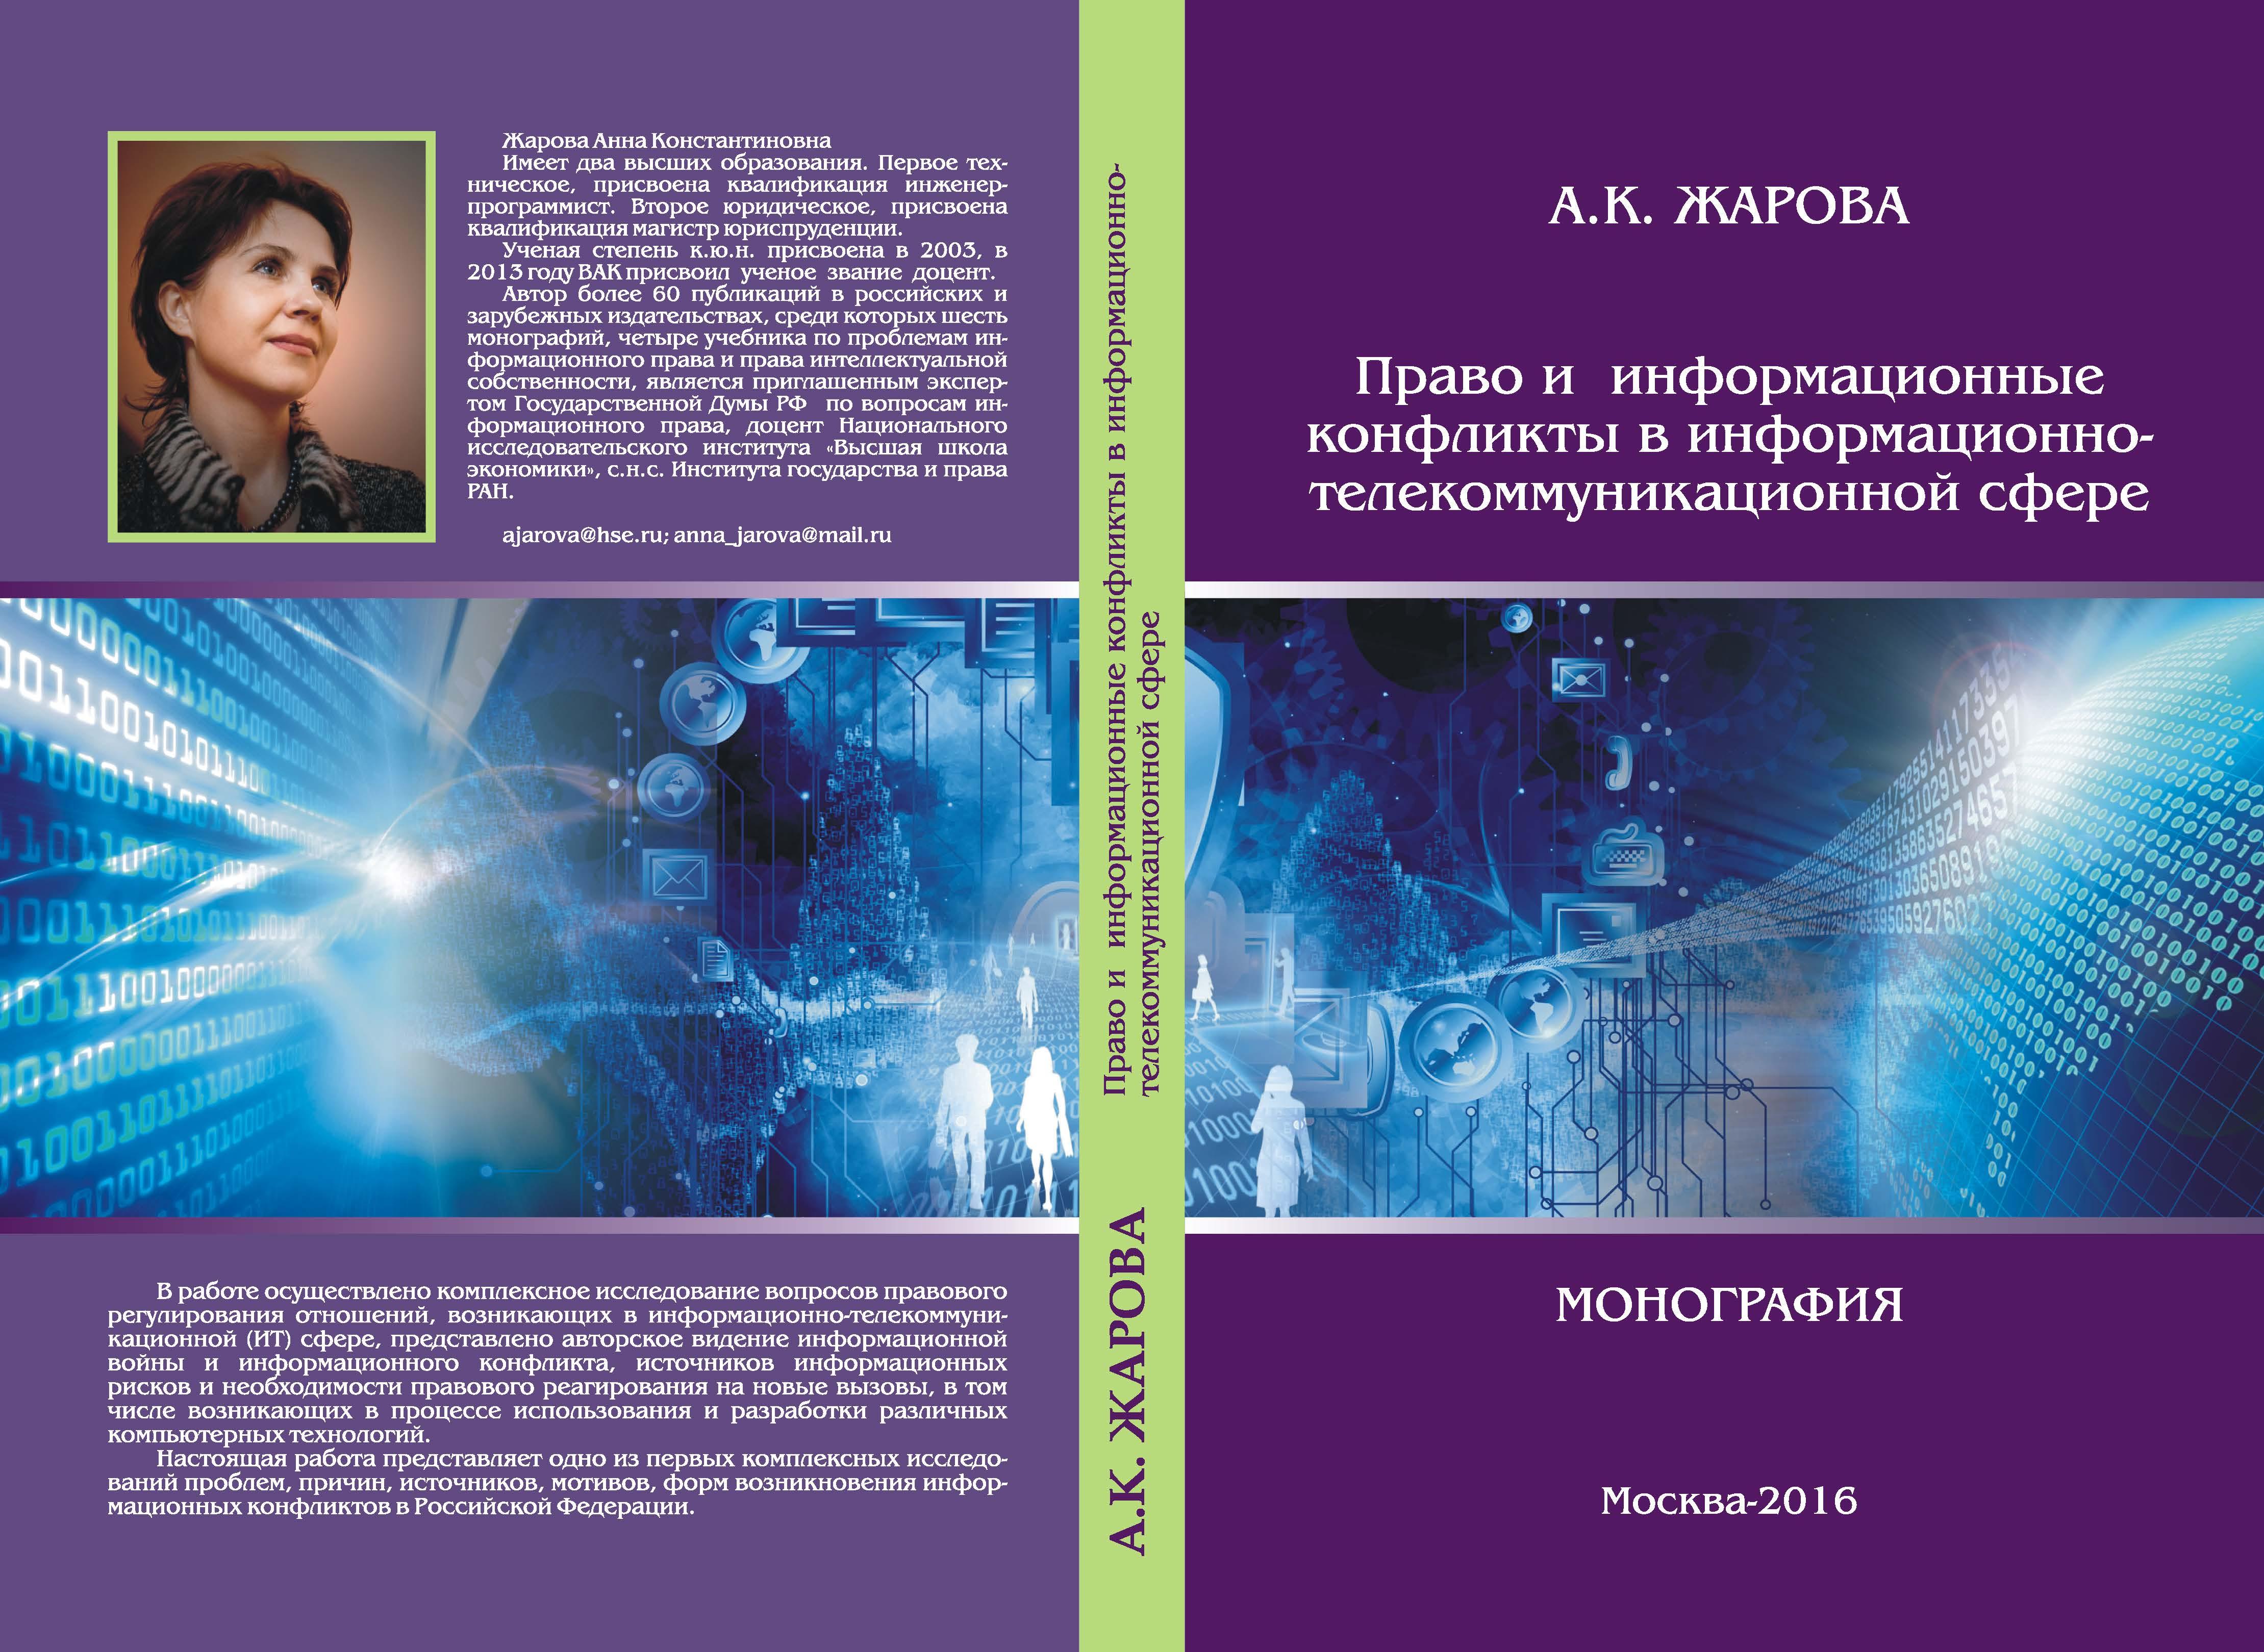 Право и информационные конфликты в информационно-телекоммуникационной сфере